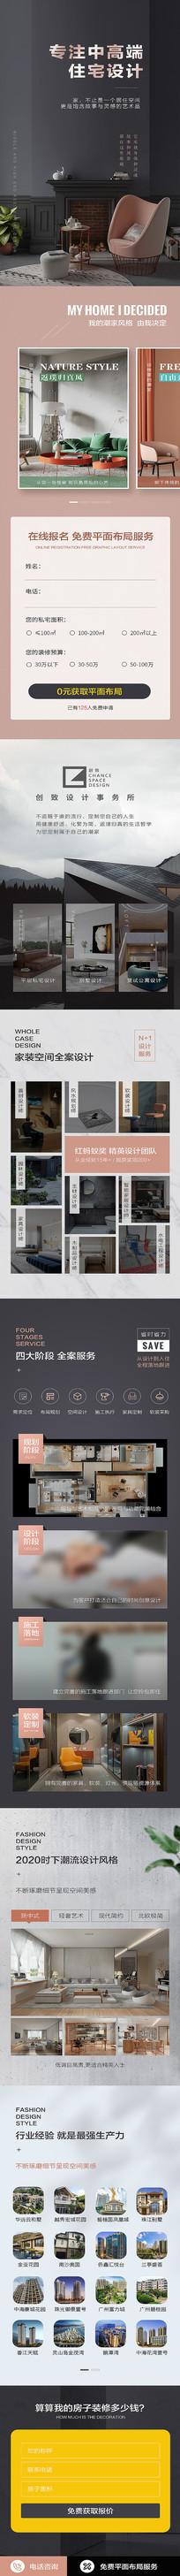 室内设计详情页设计